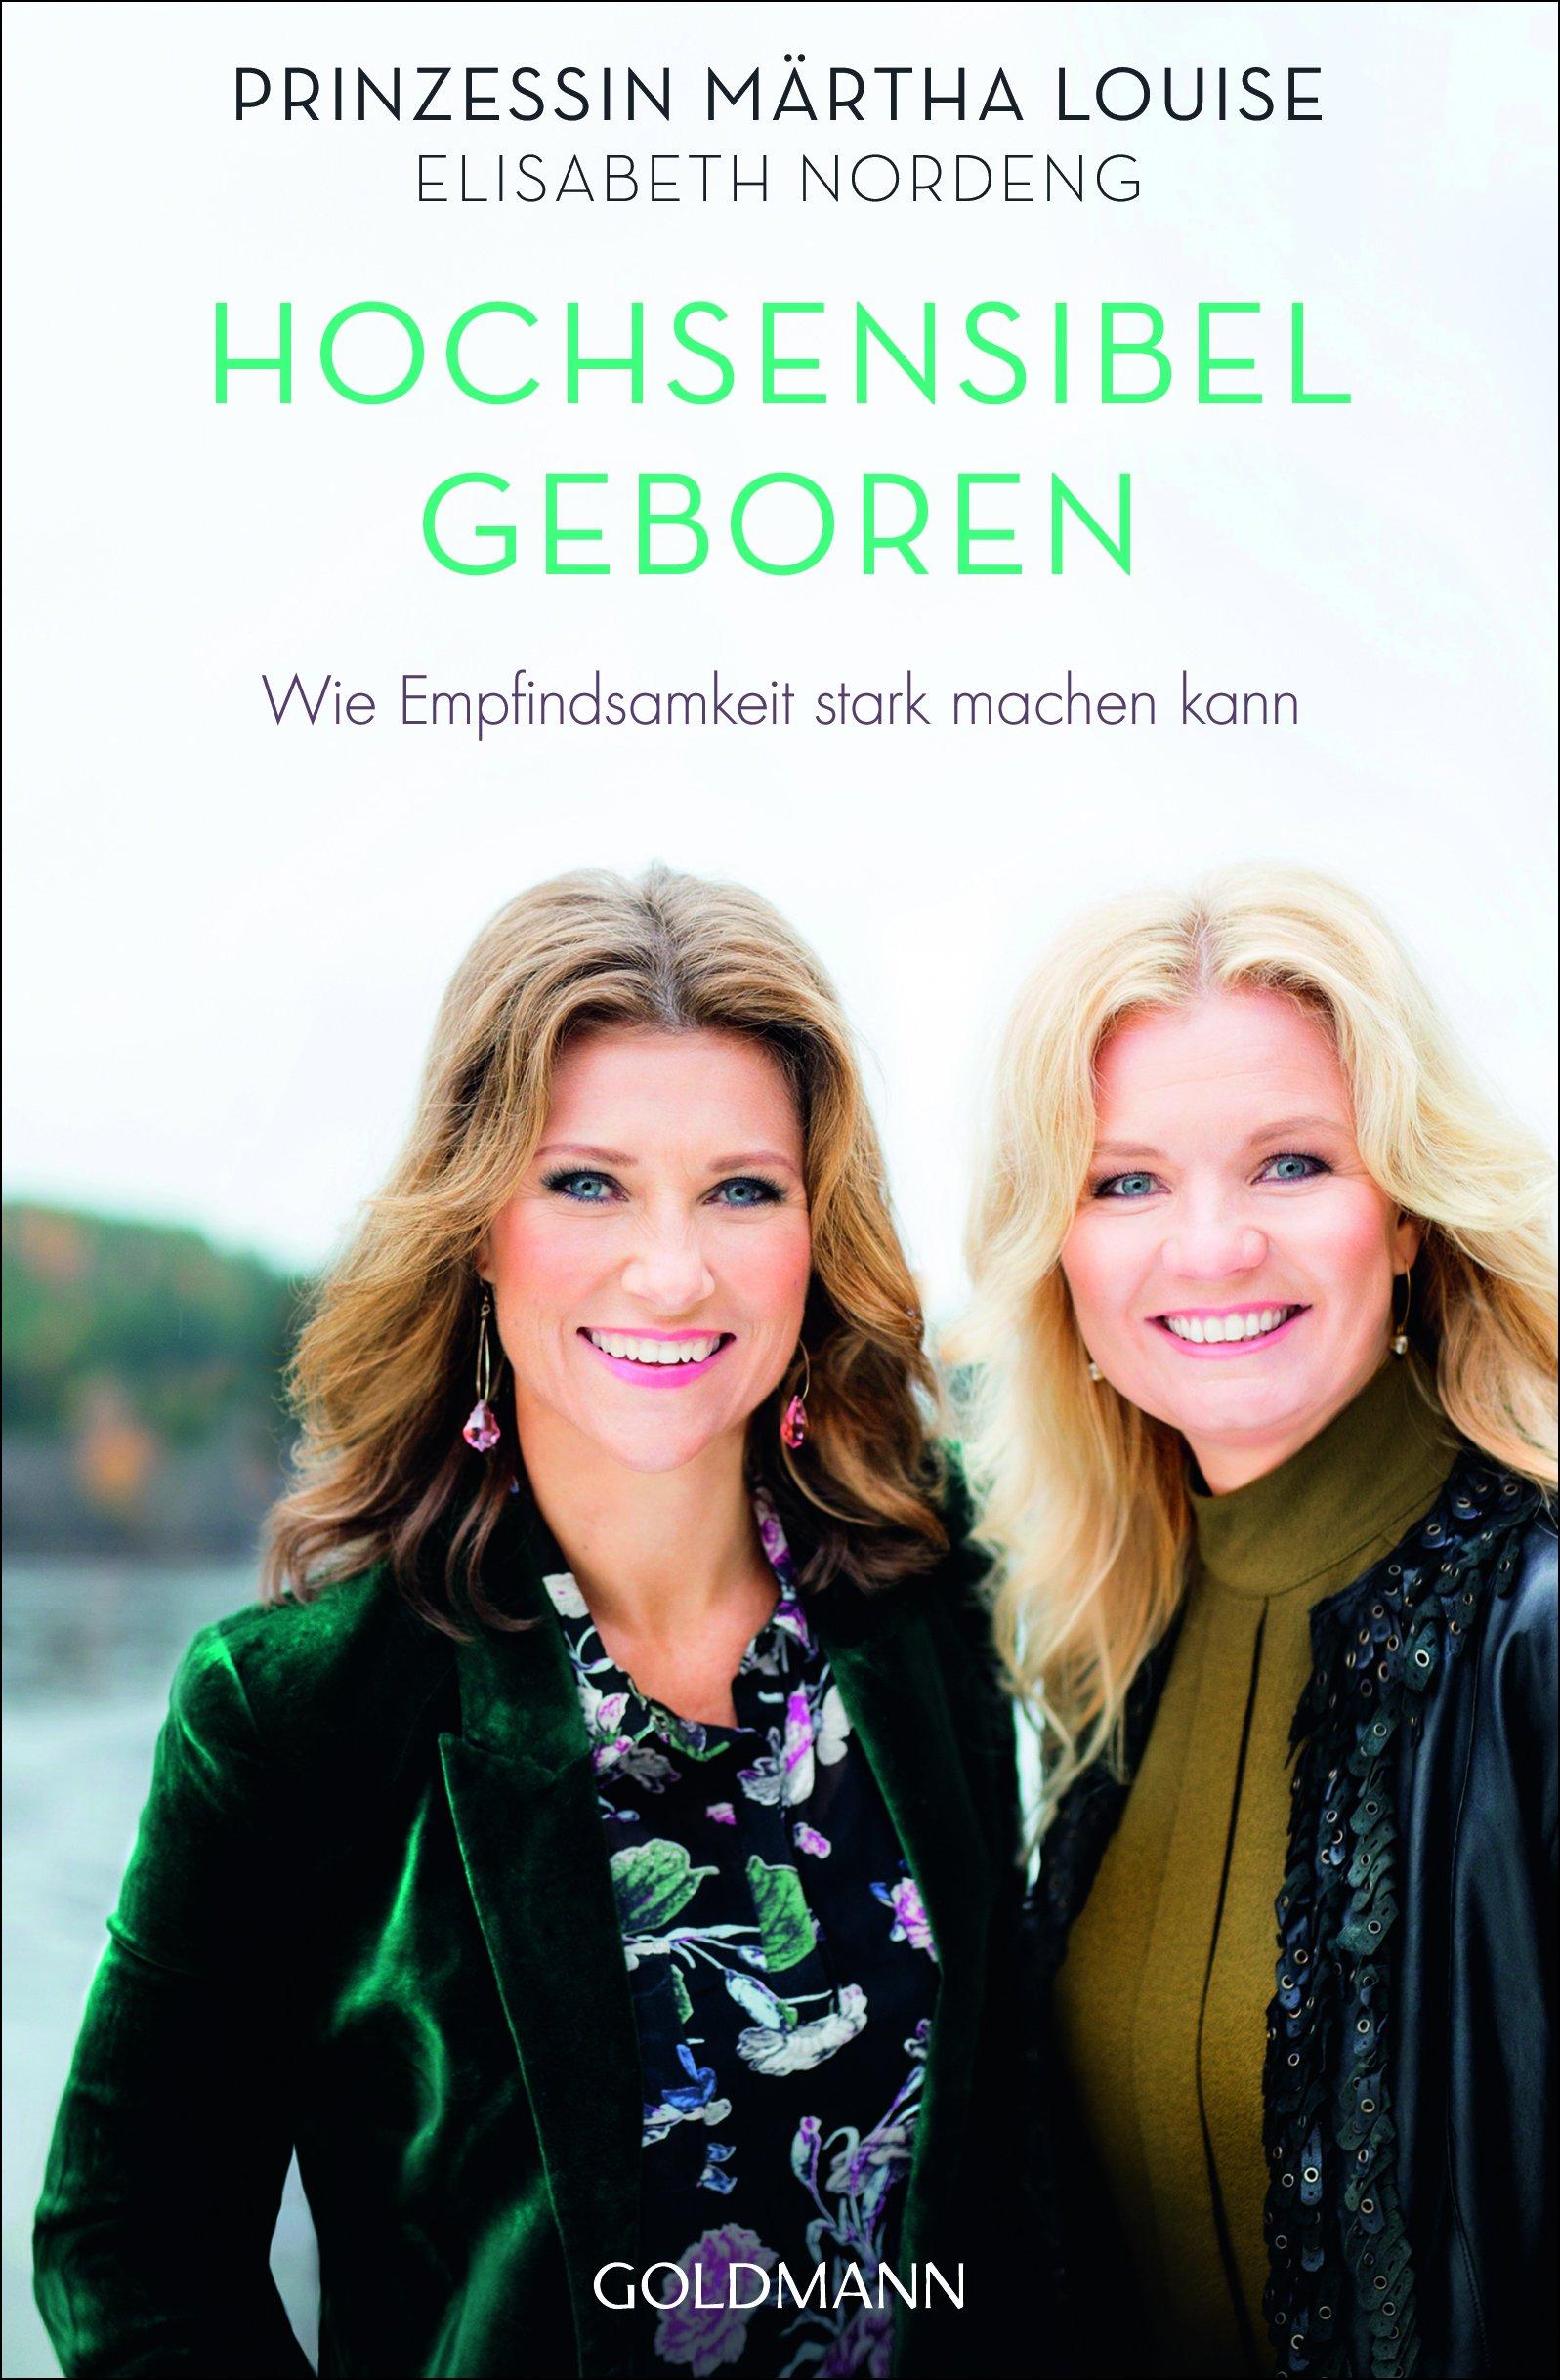 Hochsensibel geboren: Wie Empfindsamkeit stark machen kann Broschiert – 11. Juni 2018 Prinzessin Märtha Louise Elisabeth Nordeng Hedwig M. Binder Goldmann Verlag